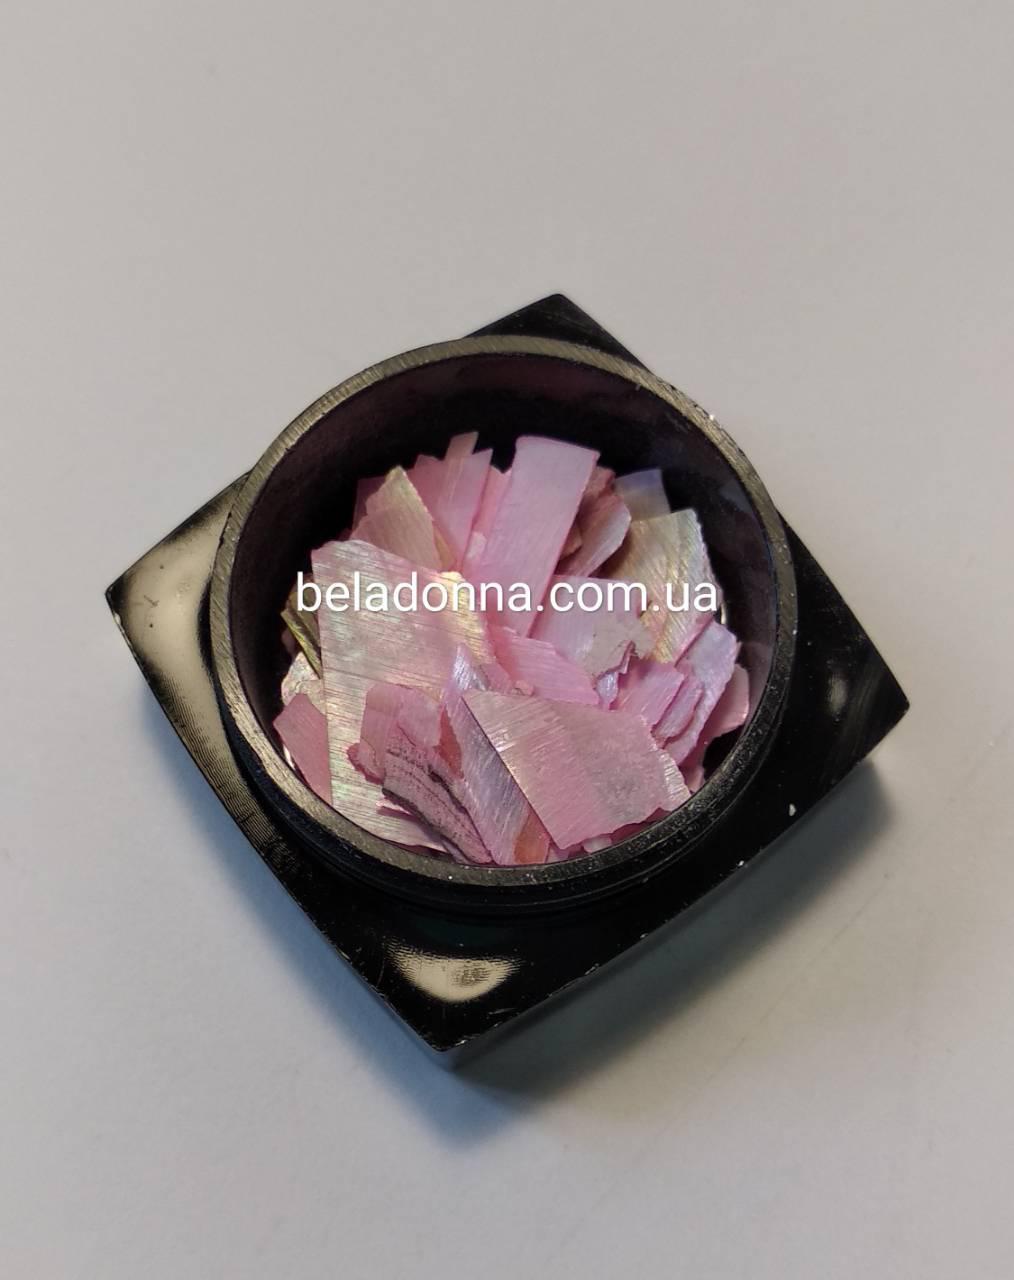 Битая ракушка для дизайна ногтей N 16